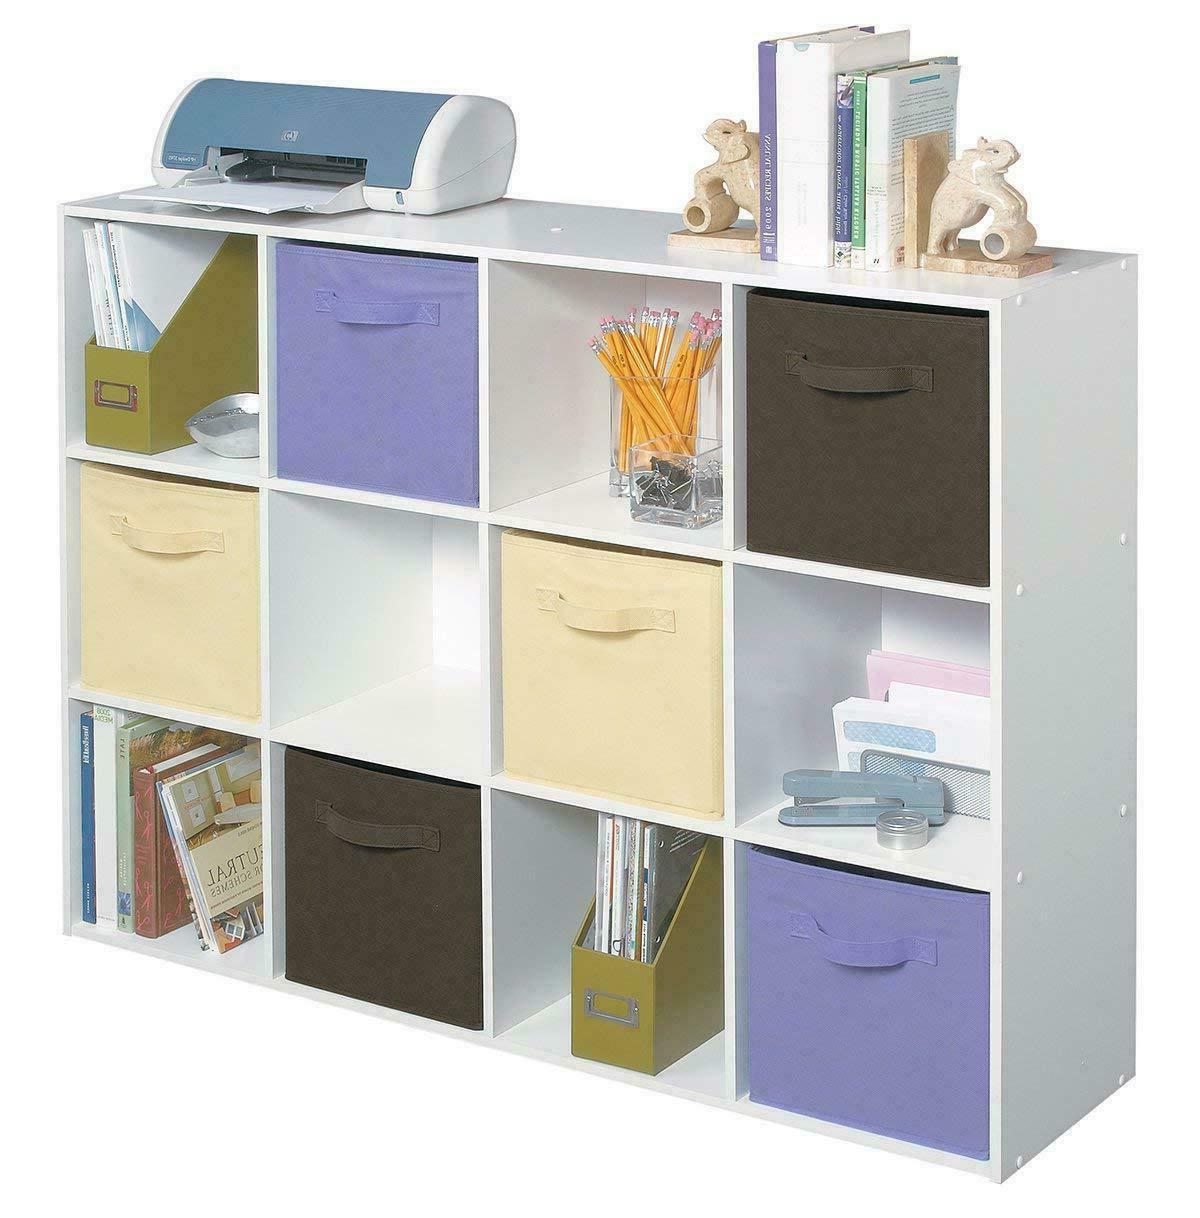 12-Cube Organizer Shelf Box Bin